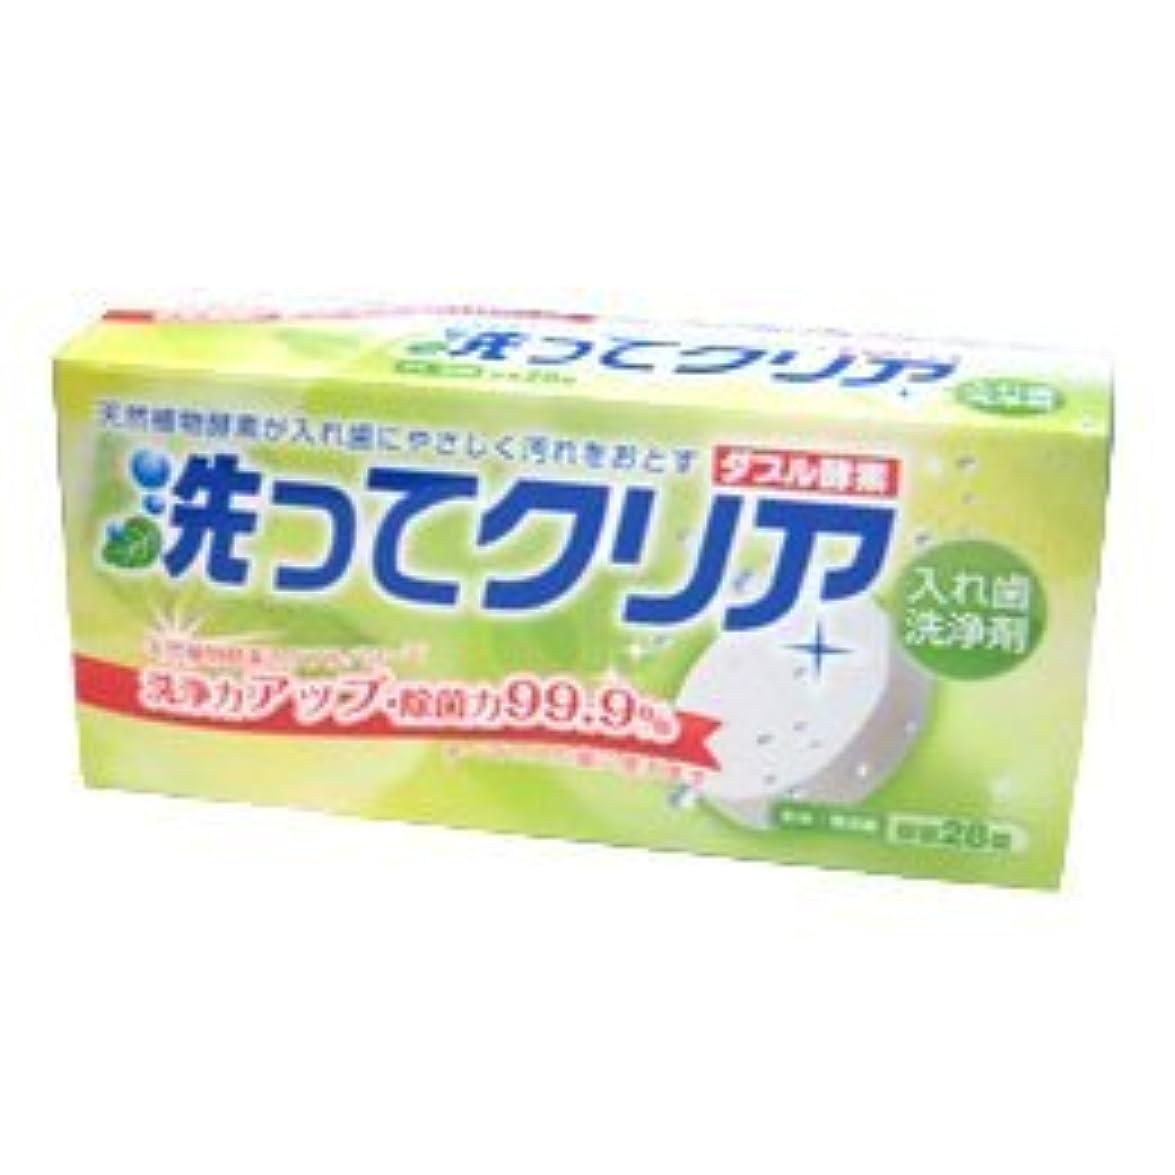 実際の必須メンテナンス東伸洋行株式会社 洗ってクリア ダブル酵素 28錠 入れ歯洗浄剤